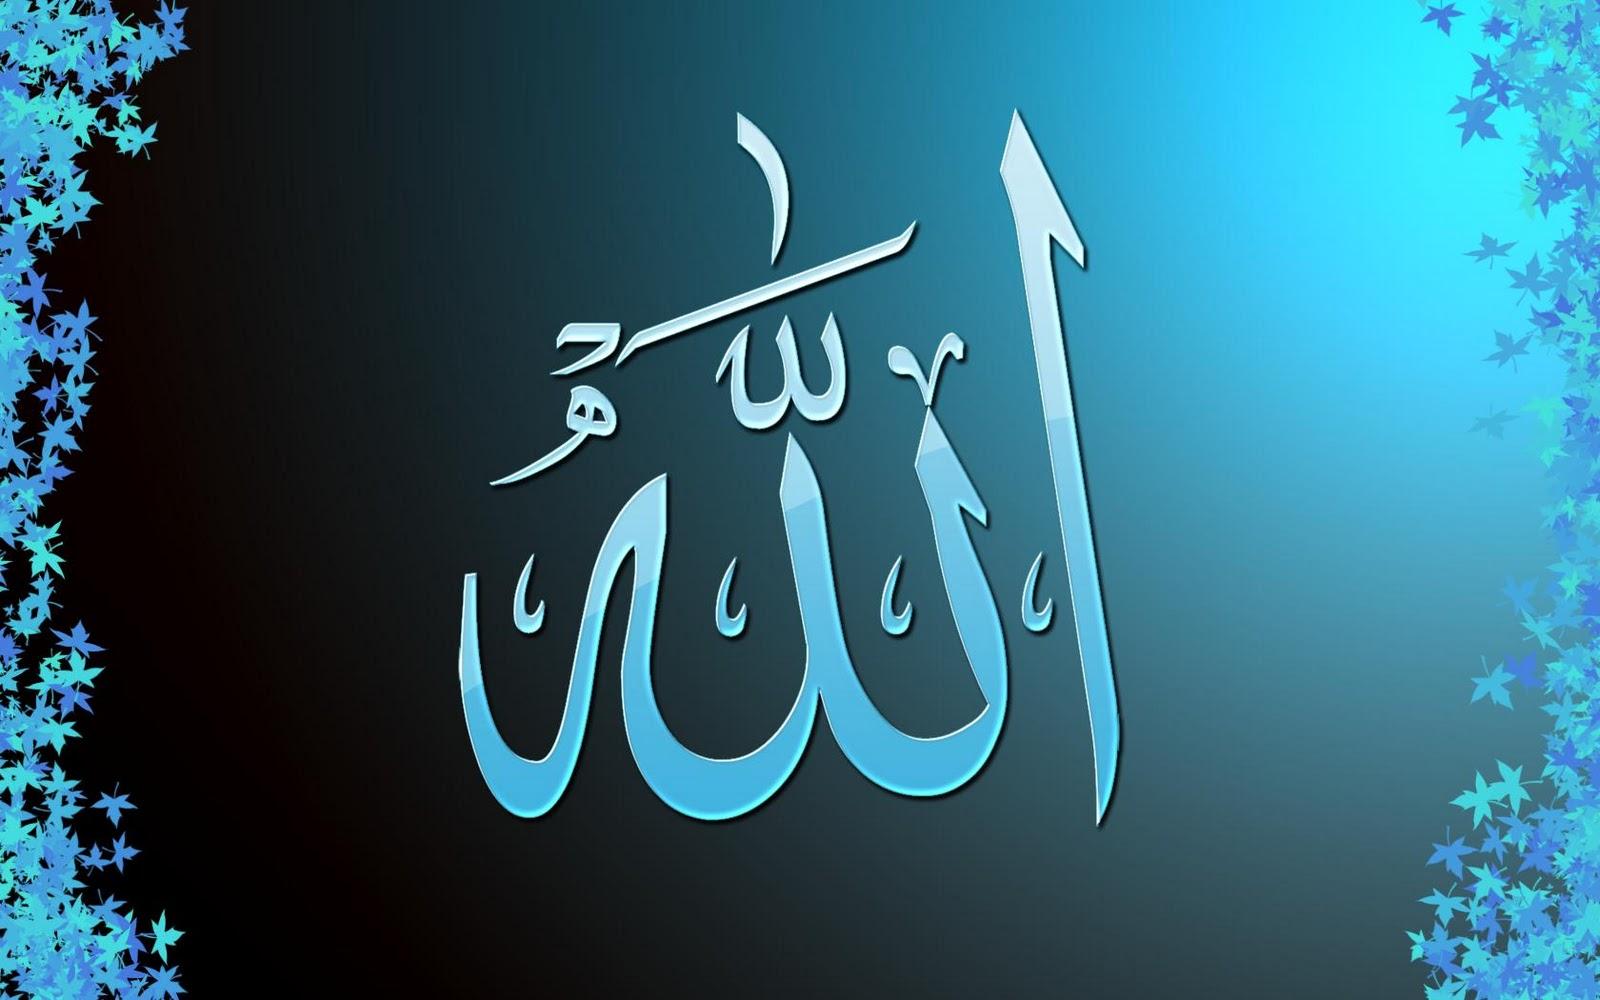 Allah wallpaper 3d wallpapersafari - Hd wallpapers love for mobile ...